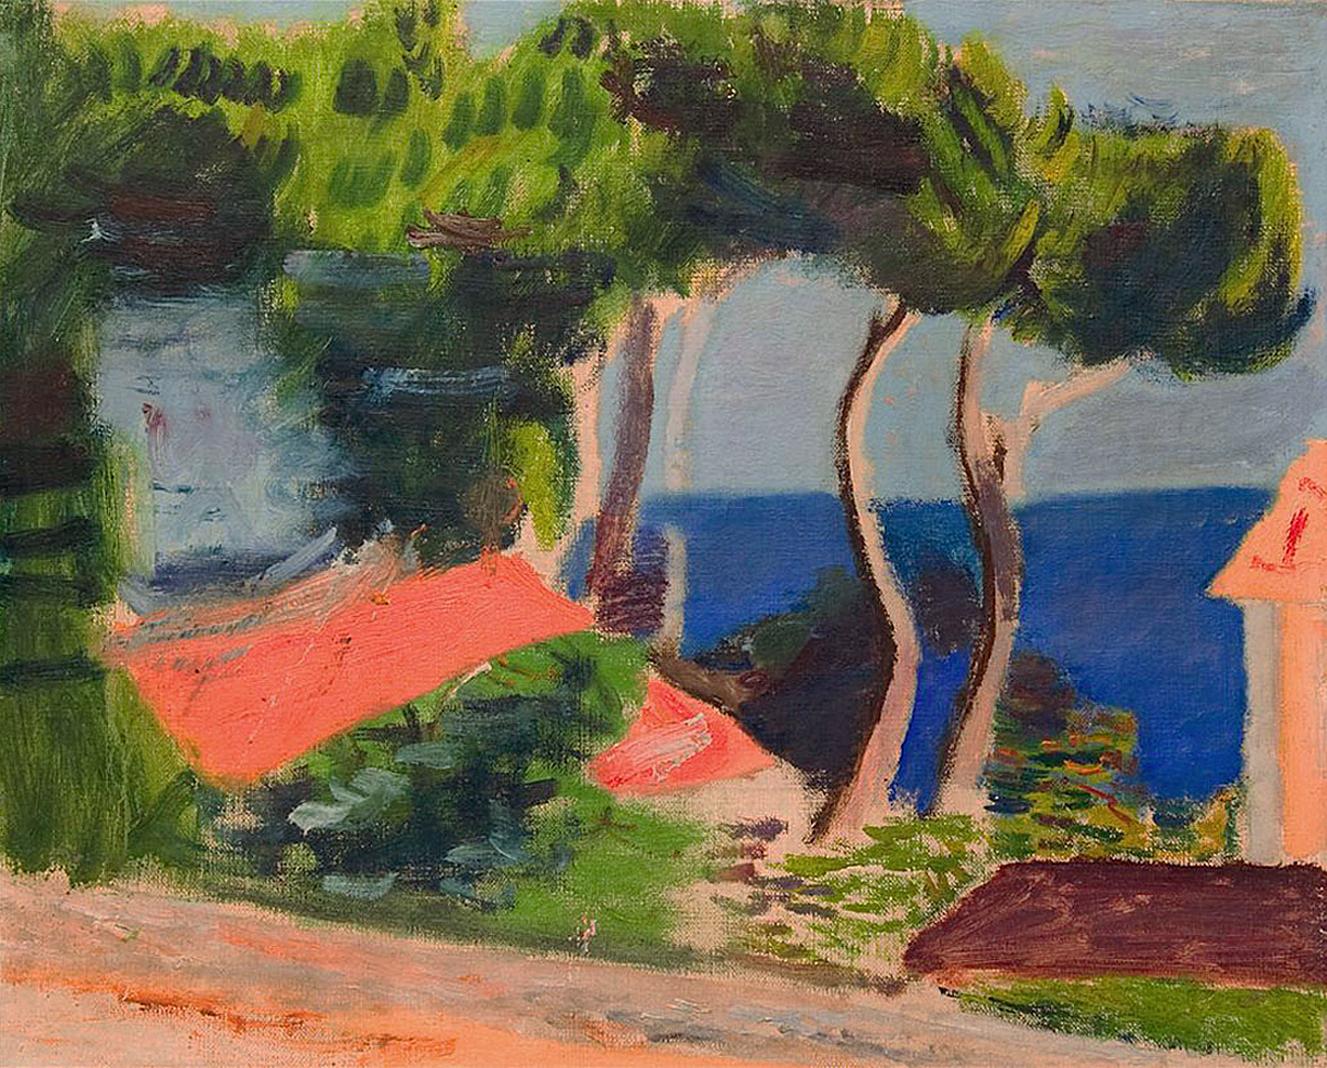 Артур Нахт-Самборський. Пейзаж над водою, 1930-ті; олія, полотно